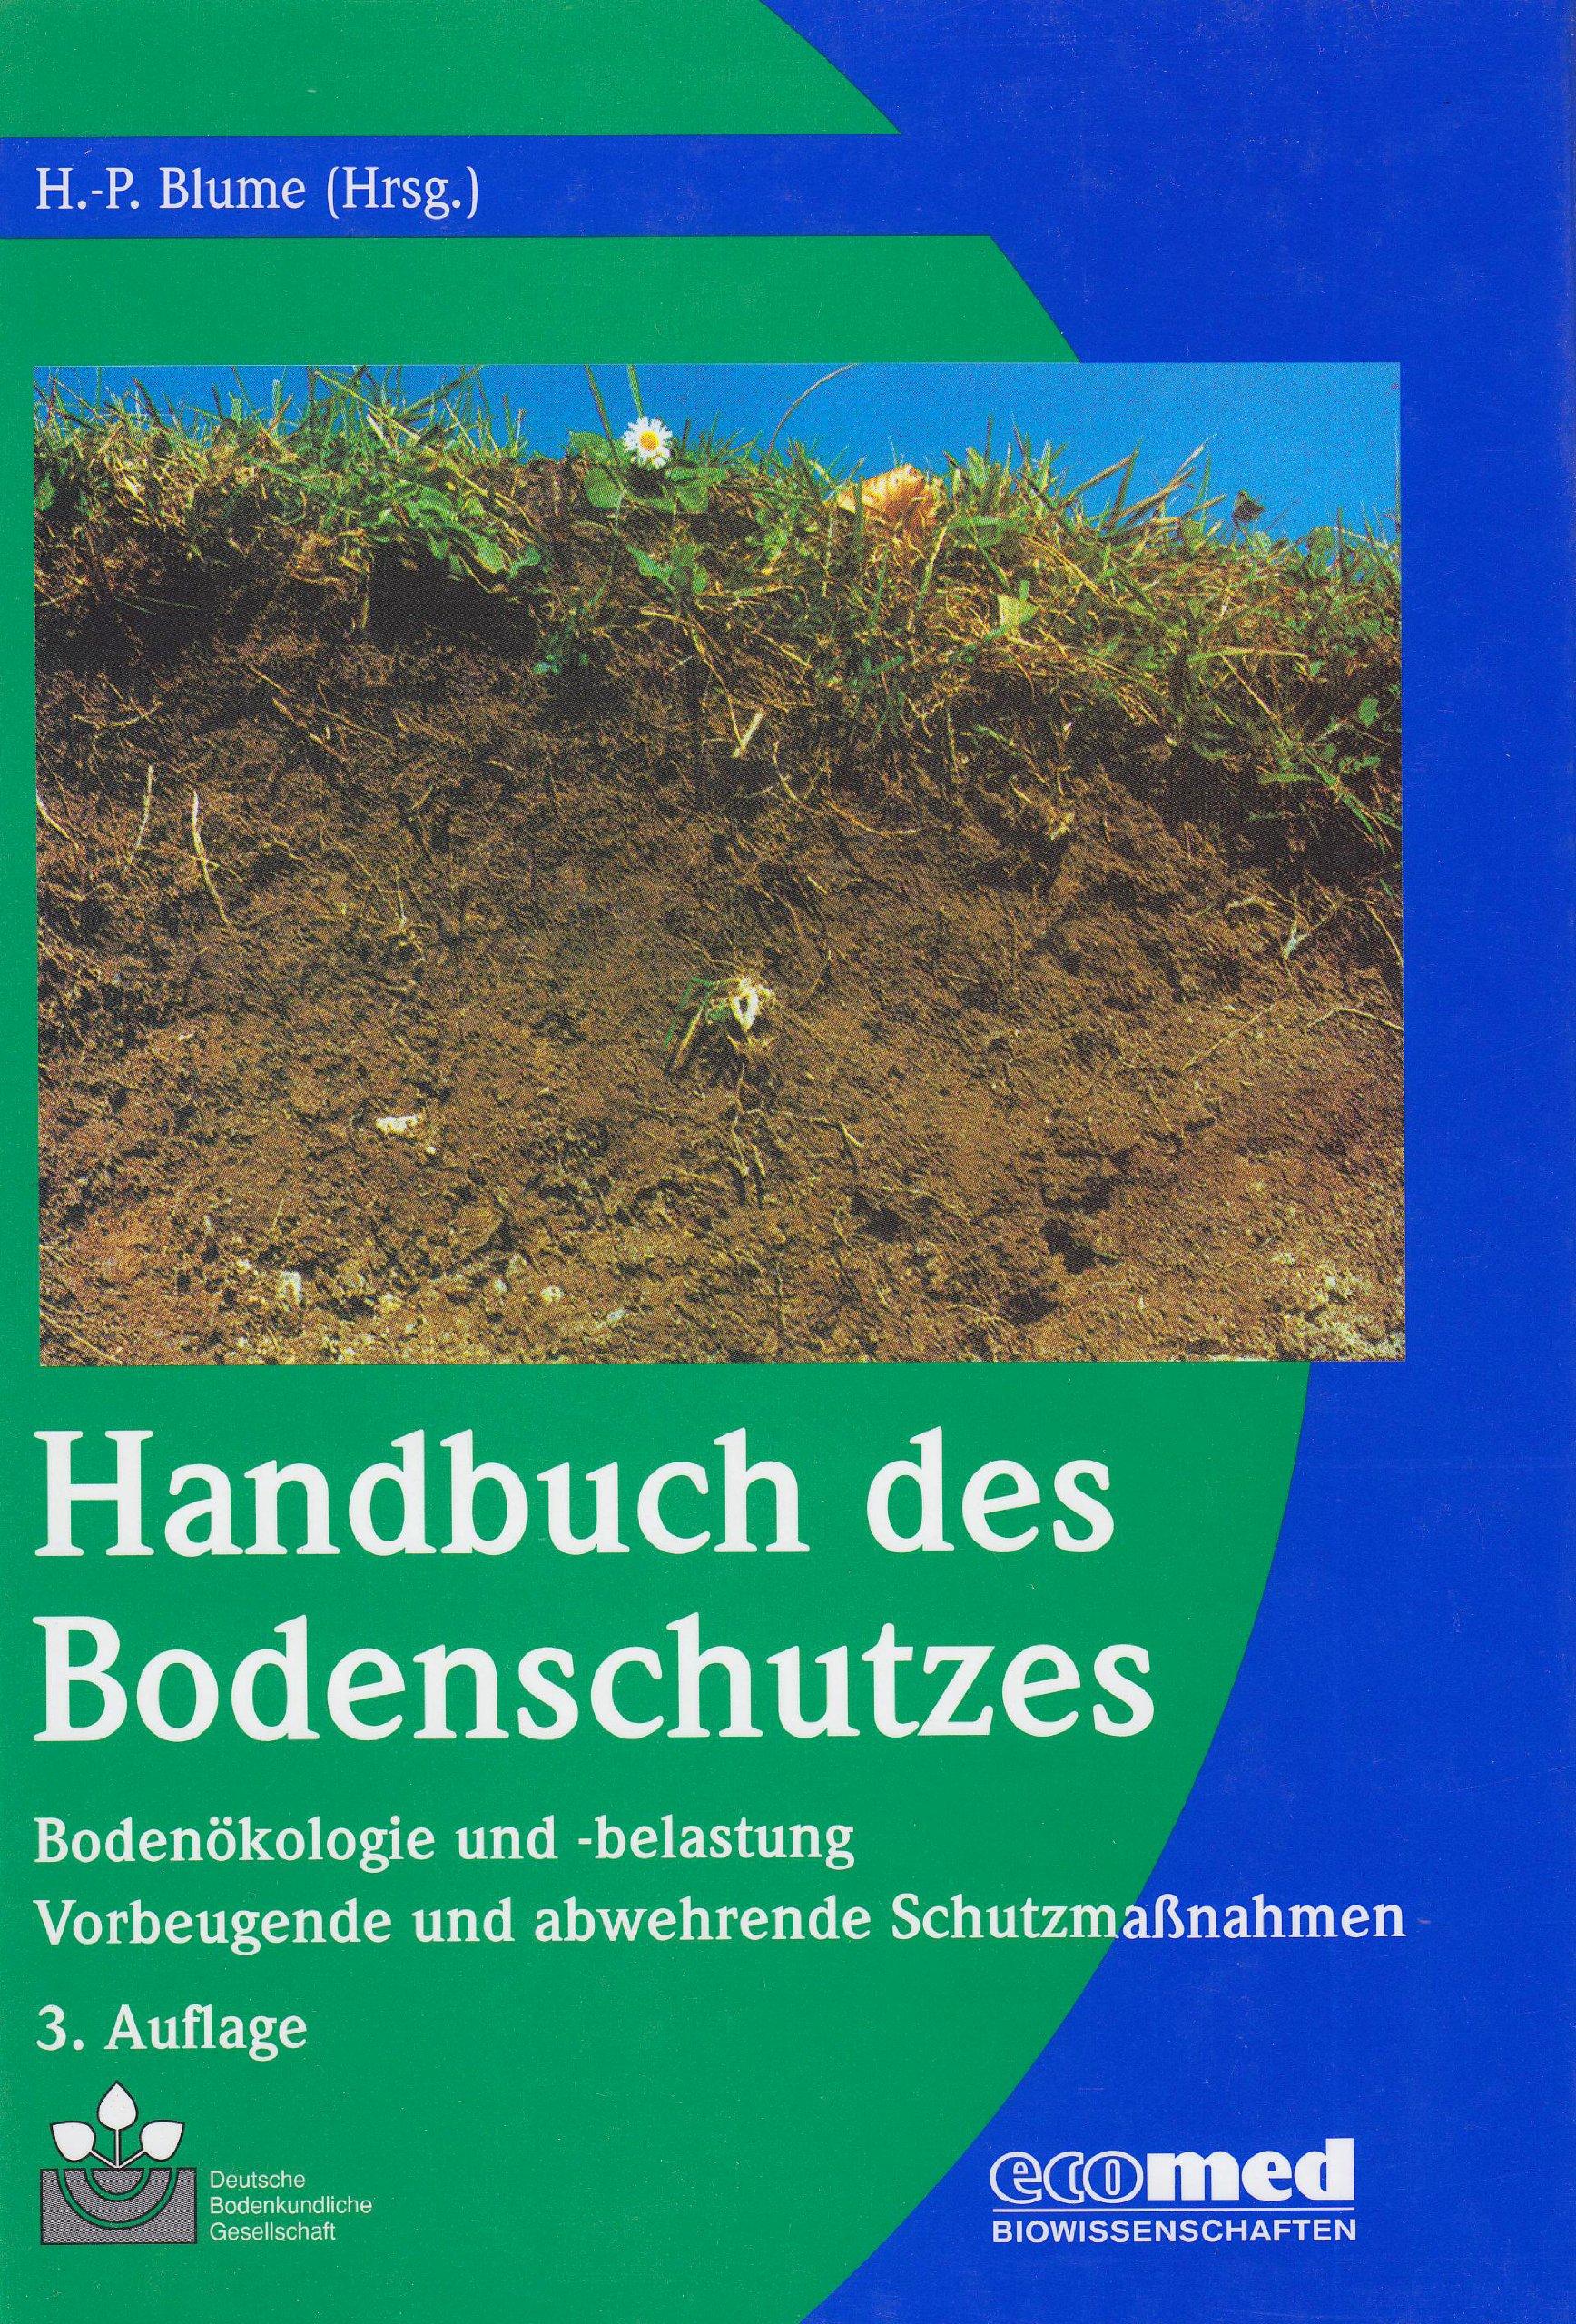 Handbuch des Bodenschutzes: Bodenökologie und -belastung / Vorbeugende und abwehrende Schutzmaßnahmen: Bodenokologie Und Belastung/Vorbeugende Und Abwehrende Schutzmabetanahmen